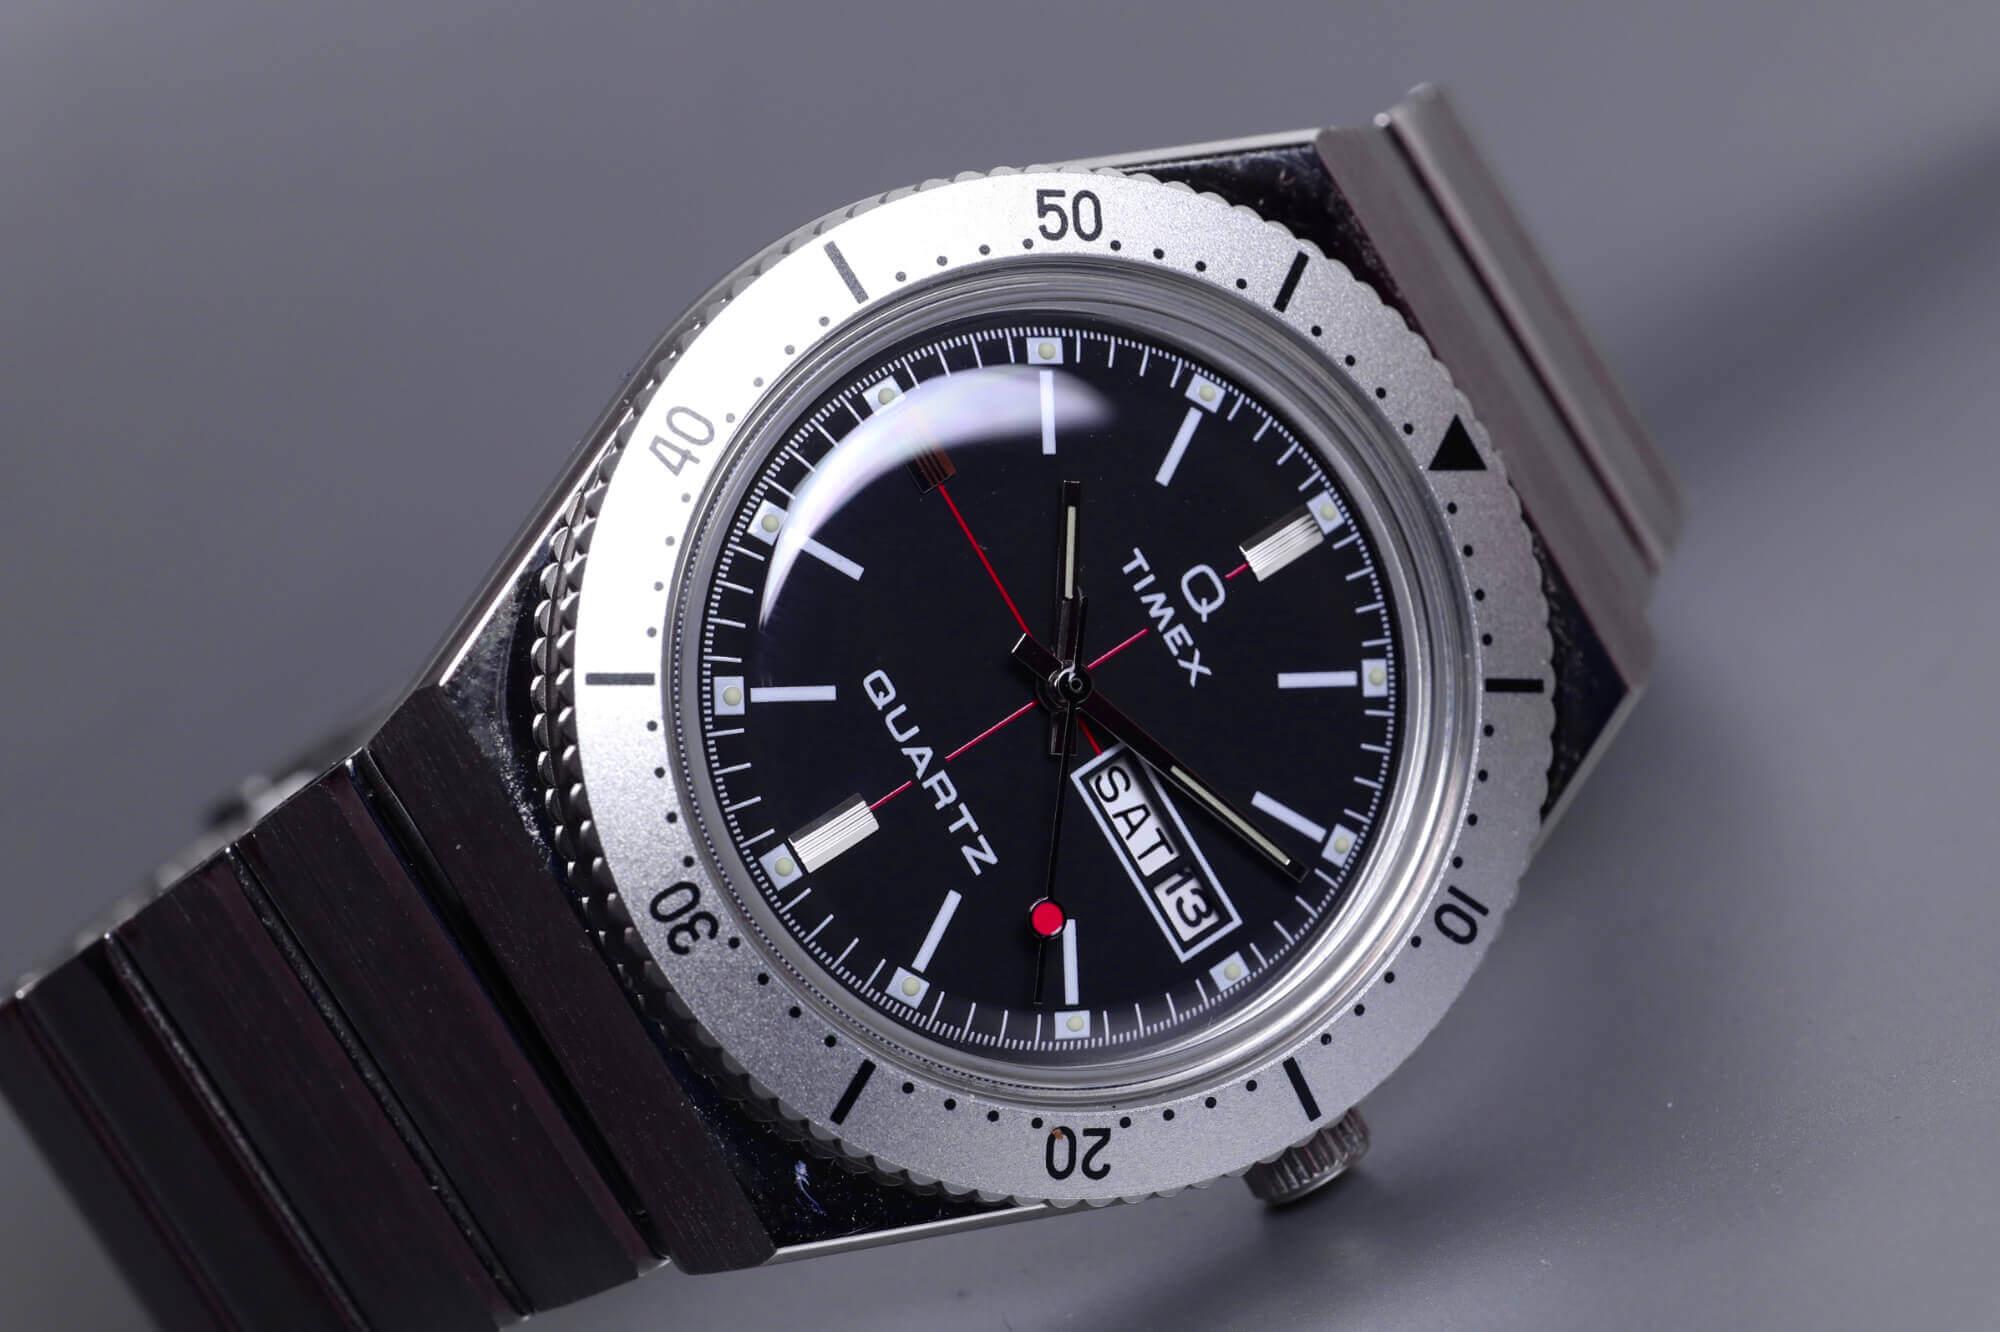 Timex-Q-TS-1